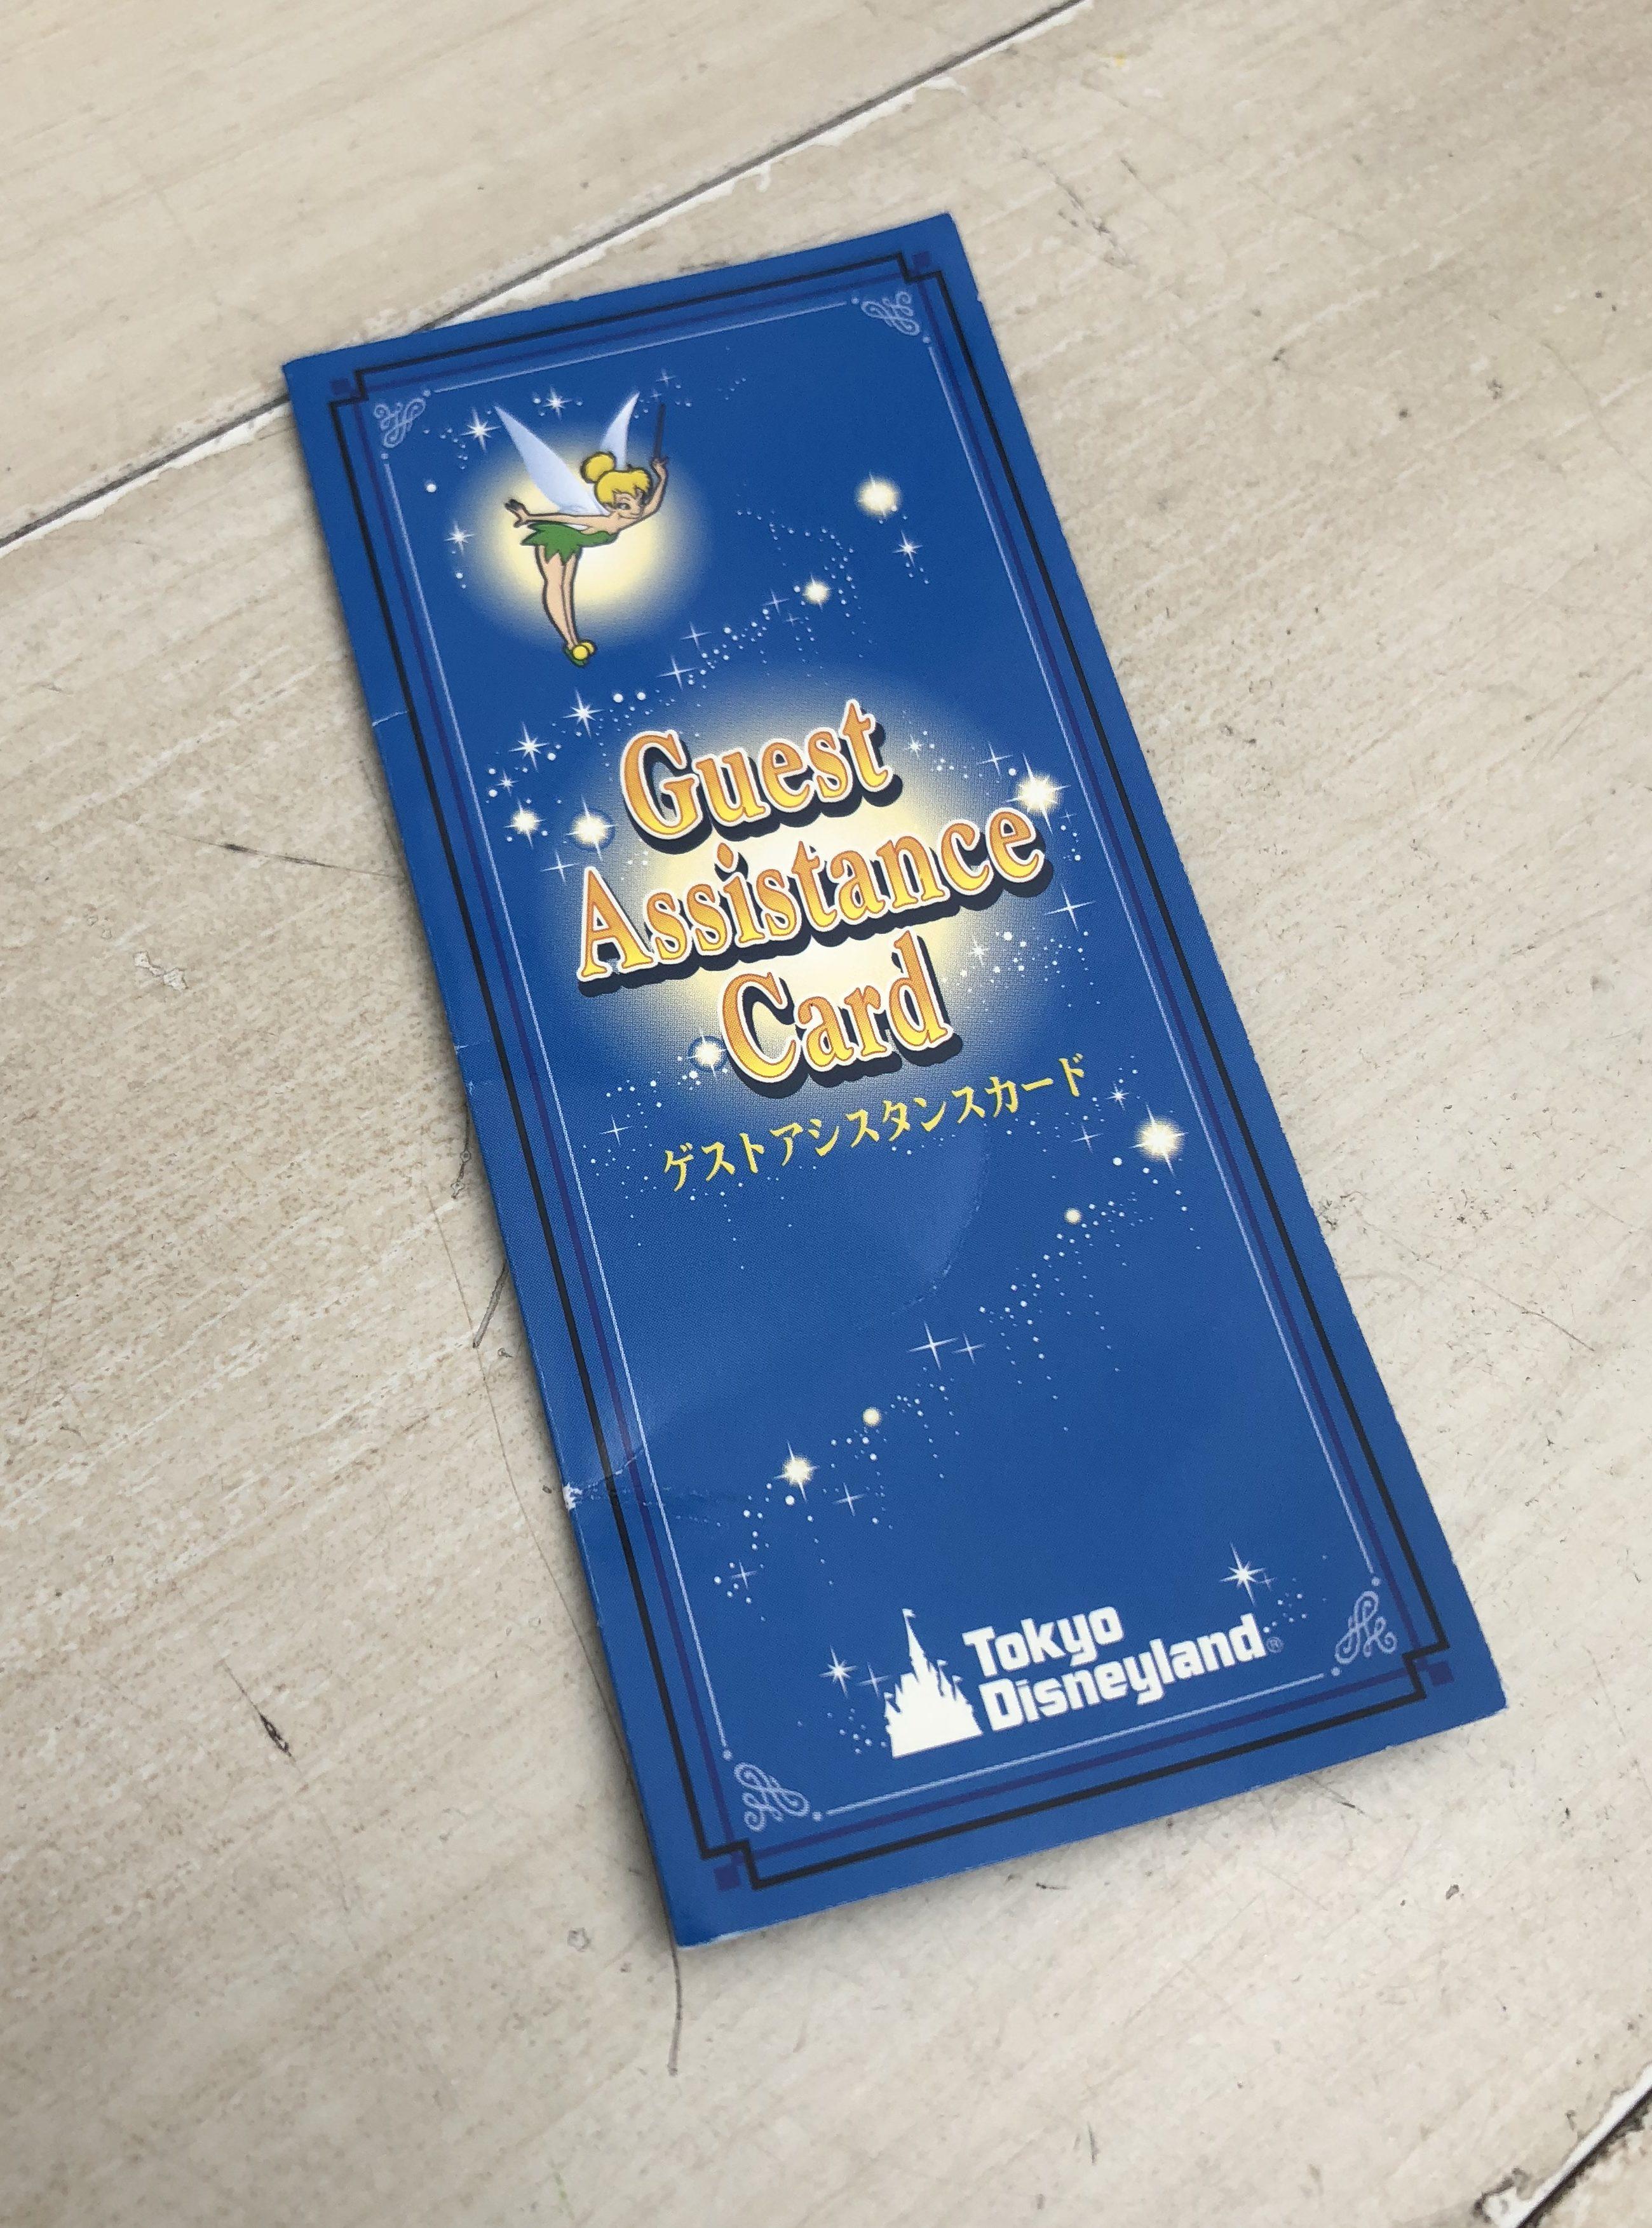 東京ディズニーランドのゲストアシスタンスカード